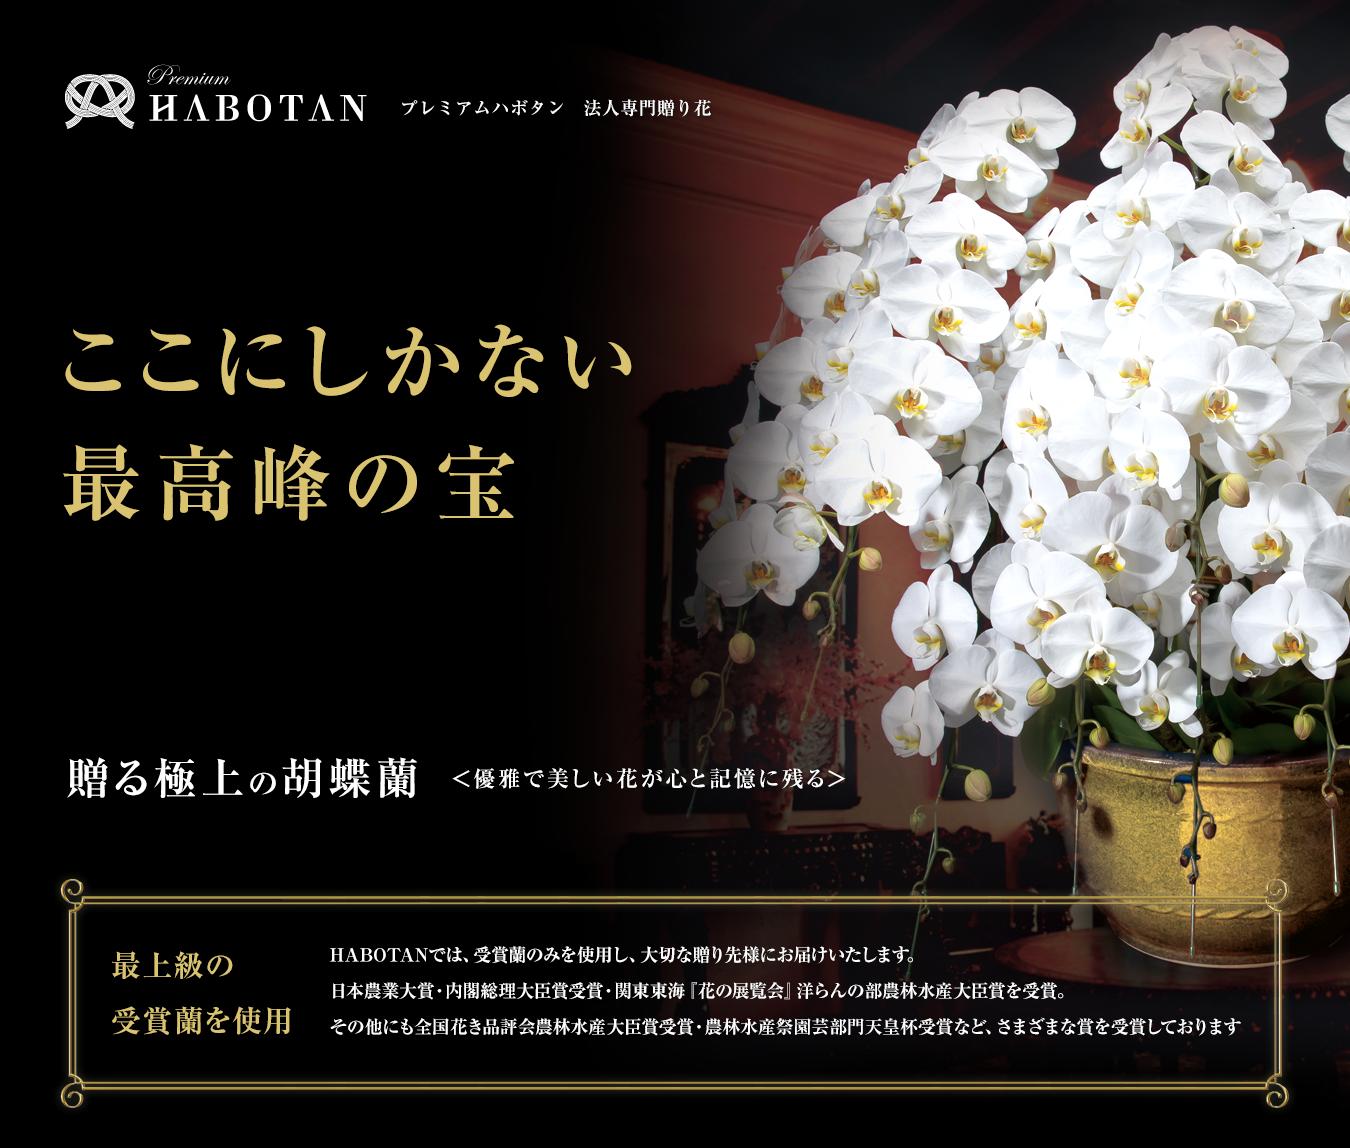 プレミアムハボタン 法人専門贈り花 ここにしかない最高峰の宝 贈る極上の胡蝶蘭 <優雅で美しい花が心と記憶に残る> 最上級の受賞蘭を使用。HABOTANでは、受賞蘭のみを使用し、大切な贈り先様にお届けいたします。日本農業大賞・内閣総理大臣賞受賞・関東東海『花の展覧会』洋らの部農林水産大臣賞を受賞。その他にも全国花き品評会農林水産大臣賞受賞・農林水産祭園芸部門天皇杯受賞などさまざま賞を受賞しております。